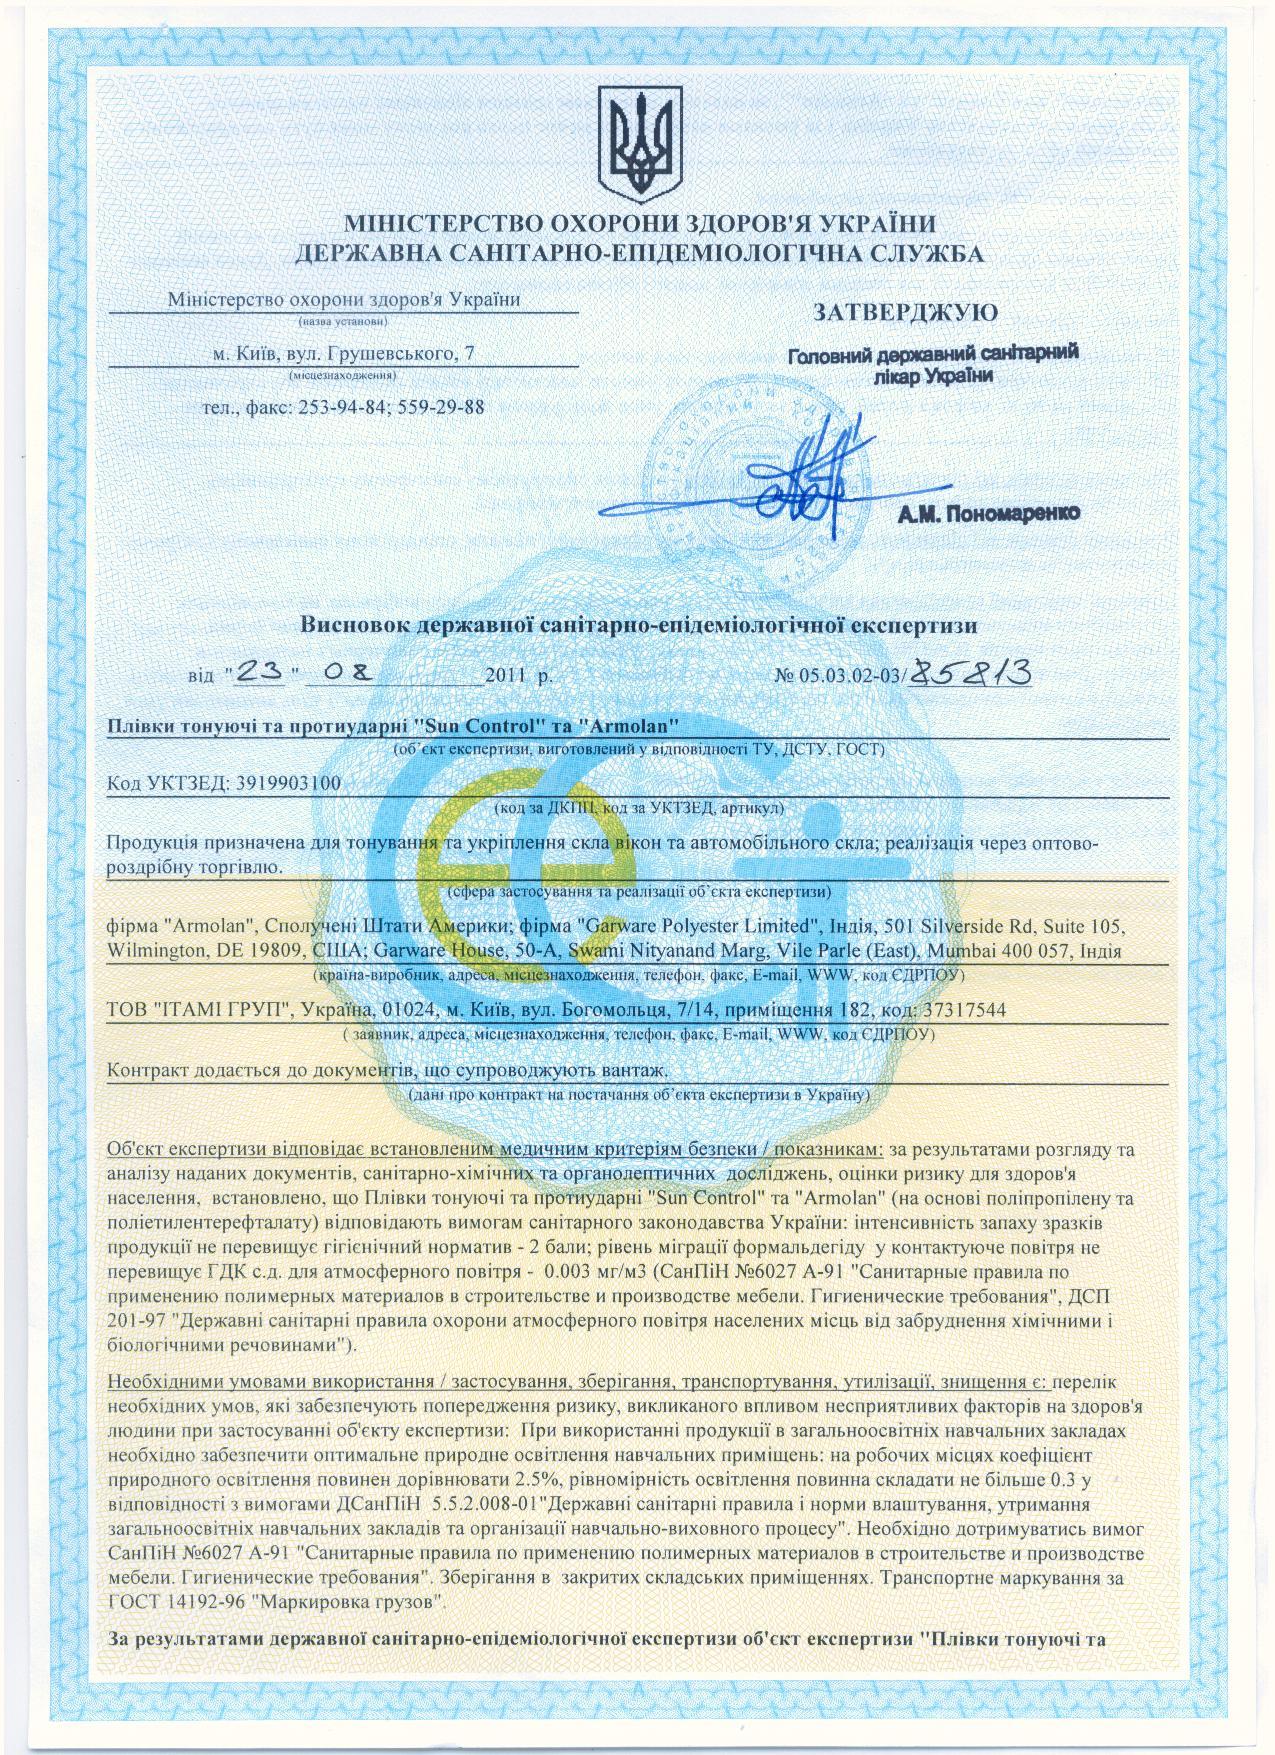 Санитарный сертификат